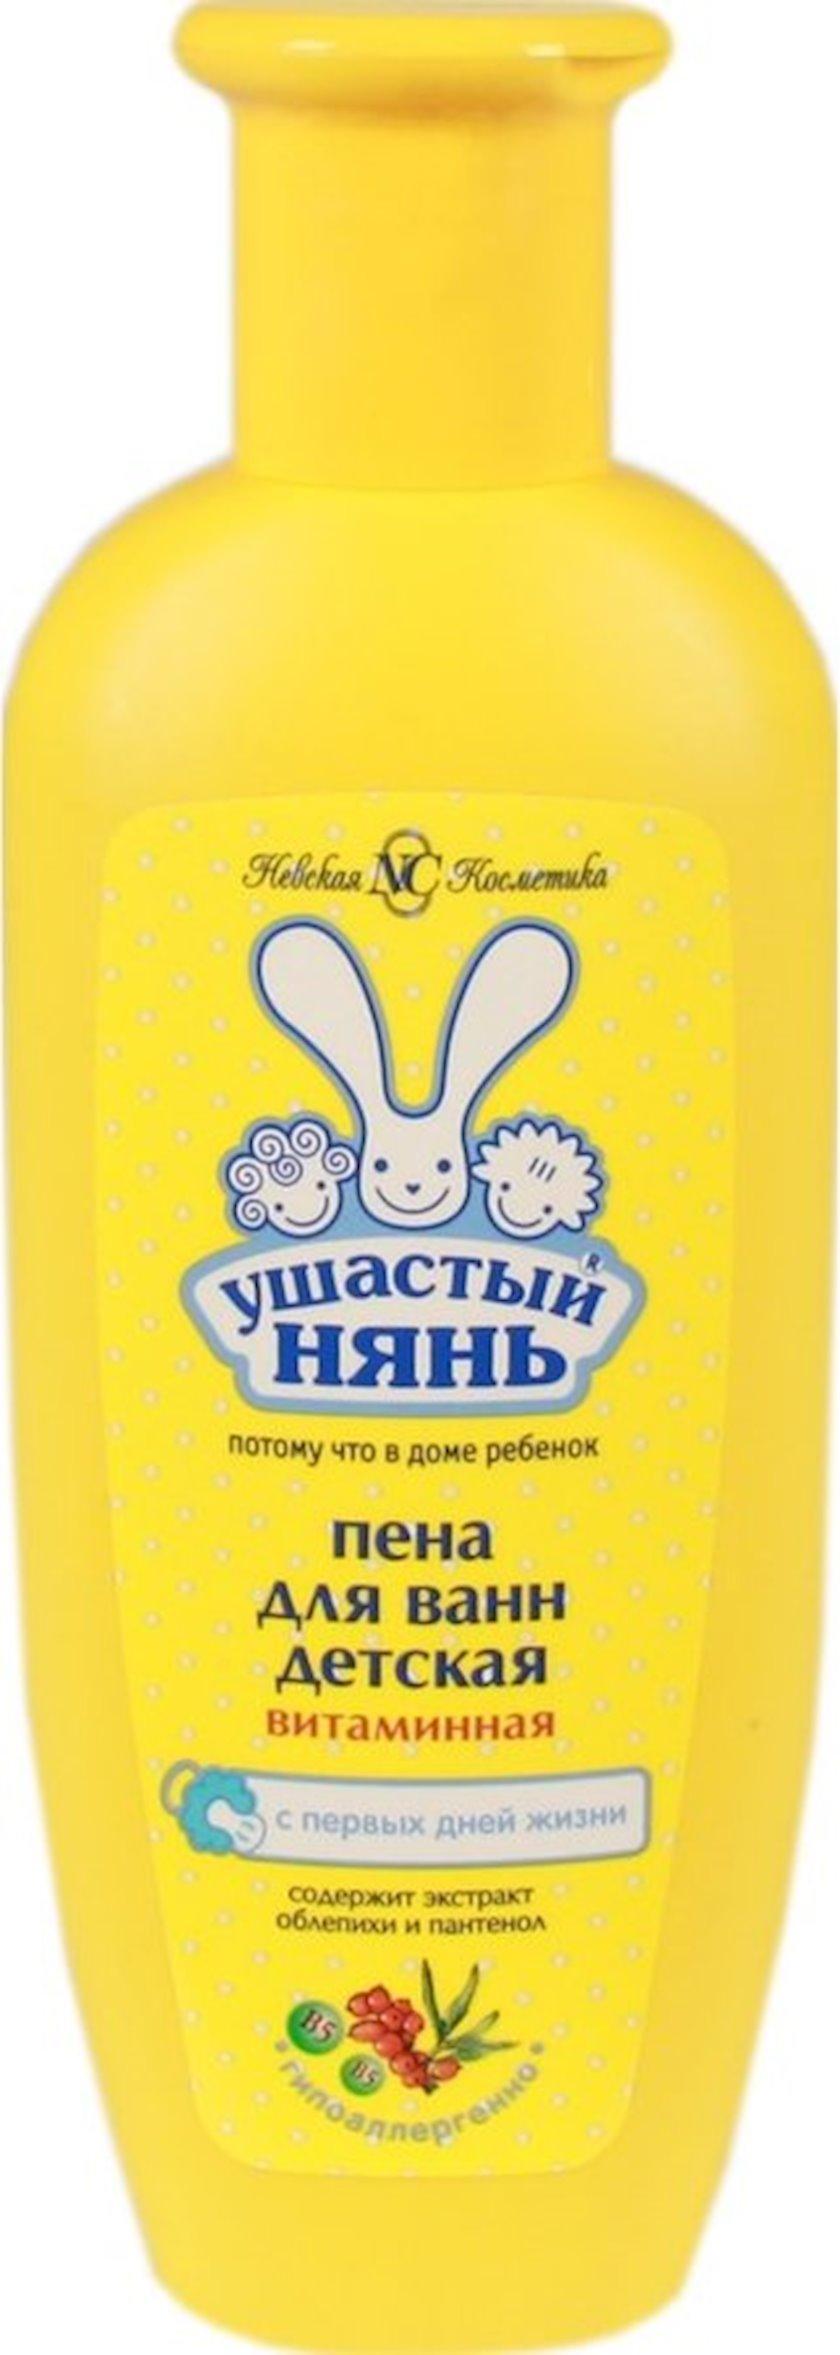 Vanna üçün köpük Ушастый нянь Vitamin və çaytikanı ilə 250 ml